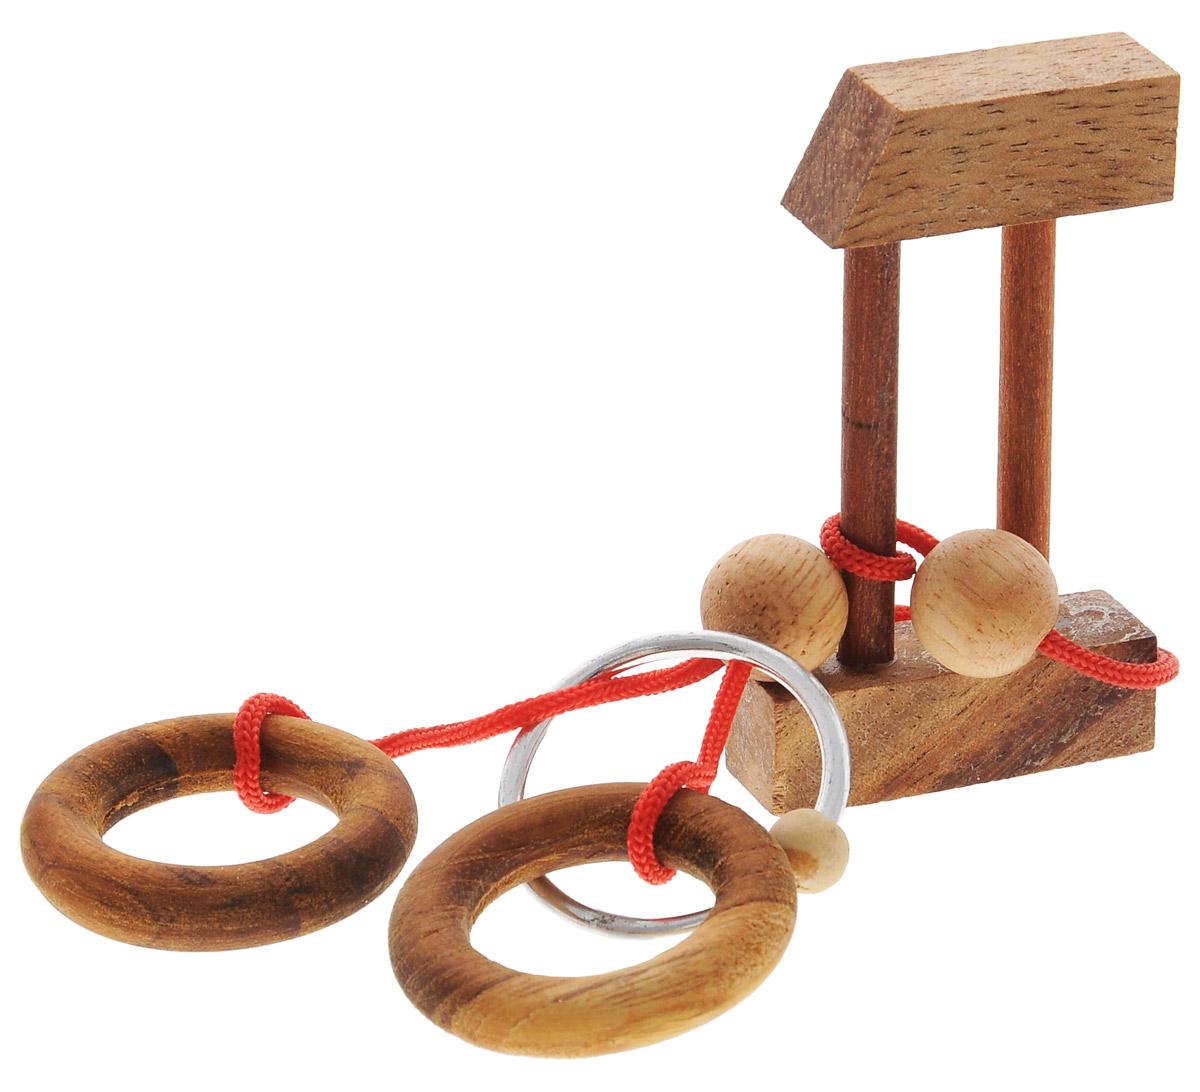 Dilemma Головоломка Кольцо в замкеIQ865Головоломка Dilemma Кольцо в замке, выполненная из дерева, текстиля и металла, станет отличным подарком всем любителям головоломок! Освободите серебряное кольцо. Использование ножниц запрещено... Получилось? Попробуйте поместить серебряное кольцо обратно. Слишком сложно? Воспользуйтесь подсказкой из предложенного решения. Игра рассчитана на одного игрока. Головоломка Dilemma Кольцо в замке стимулирует логику, пространственное мышление и мелкую моторику рук.